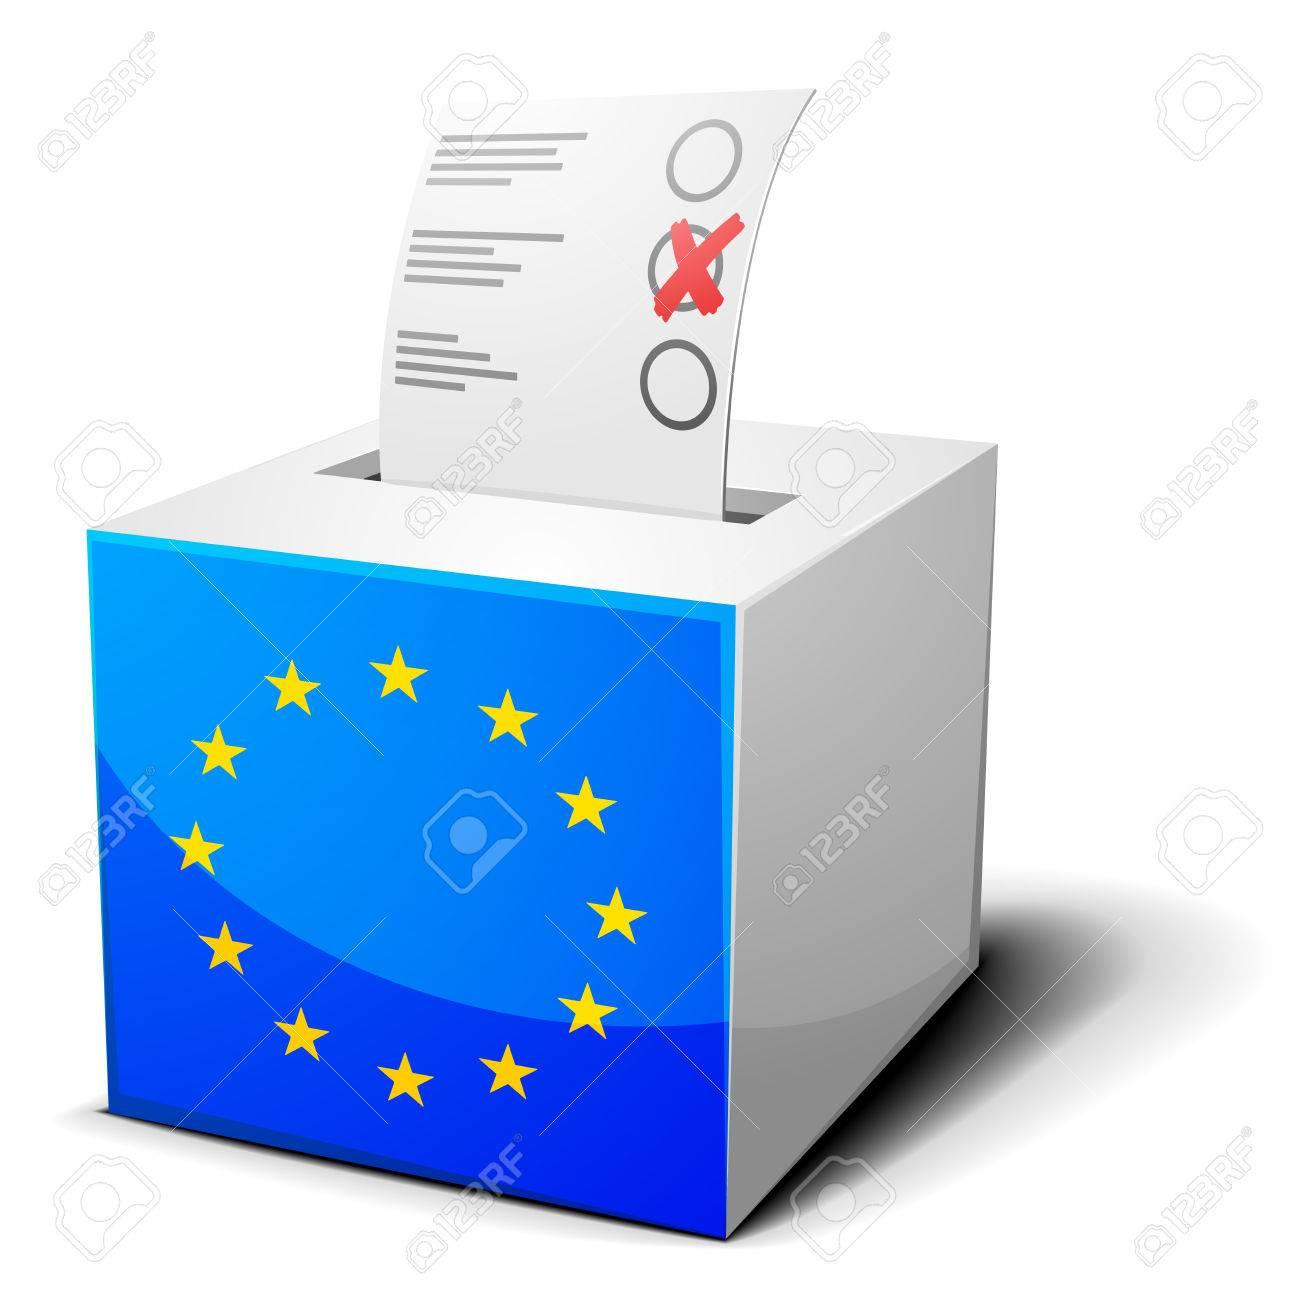 eps10 ベクトルにヨーロッパの旗の投票箱の詳細なイラスト